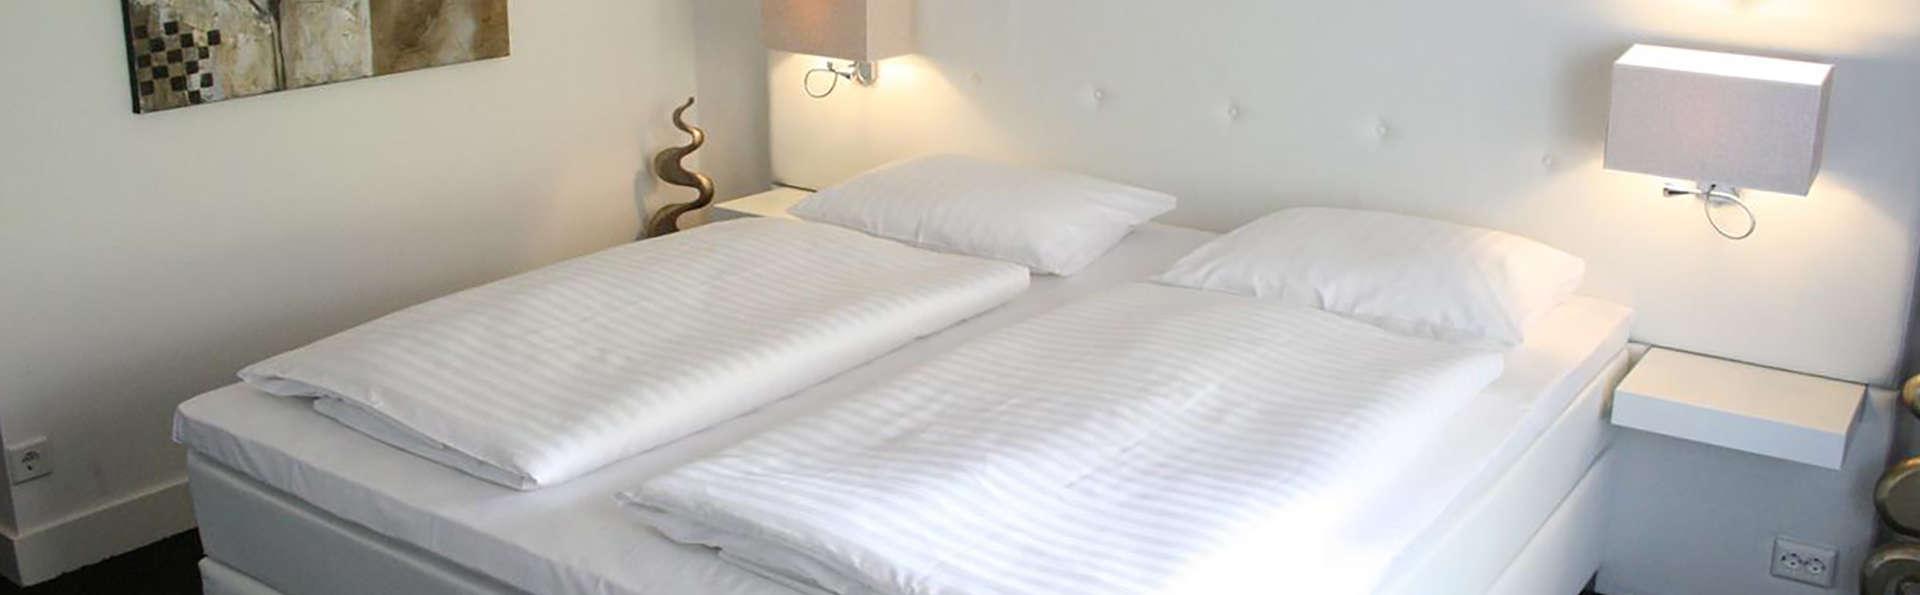 Design hotel sauerland bad fredeburg allemagne for Designhotel sauerland